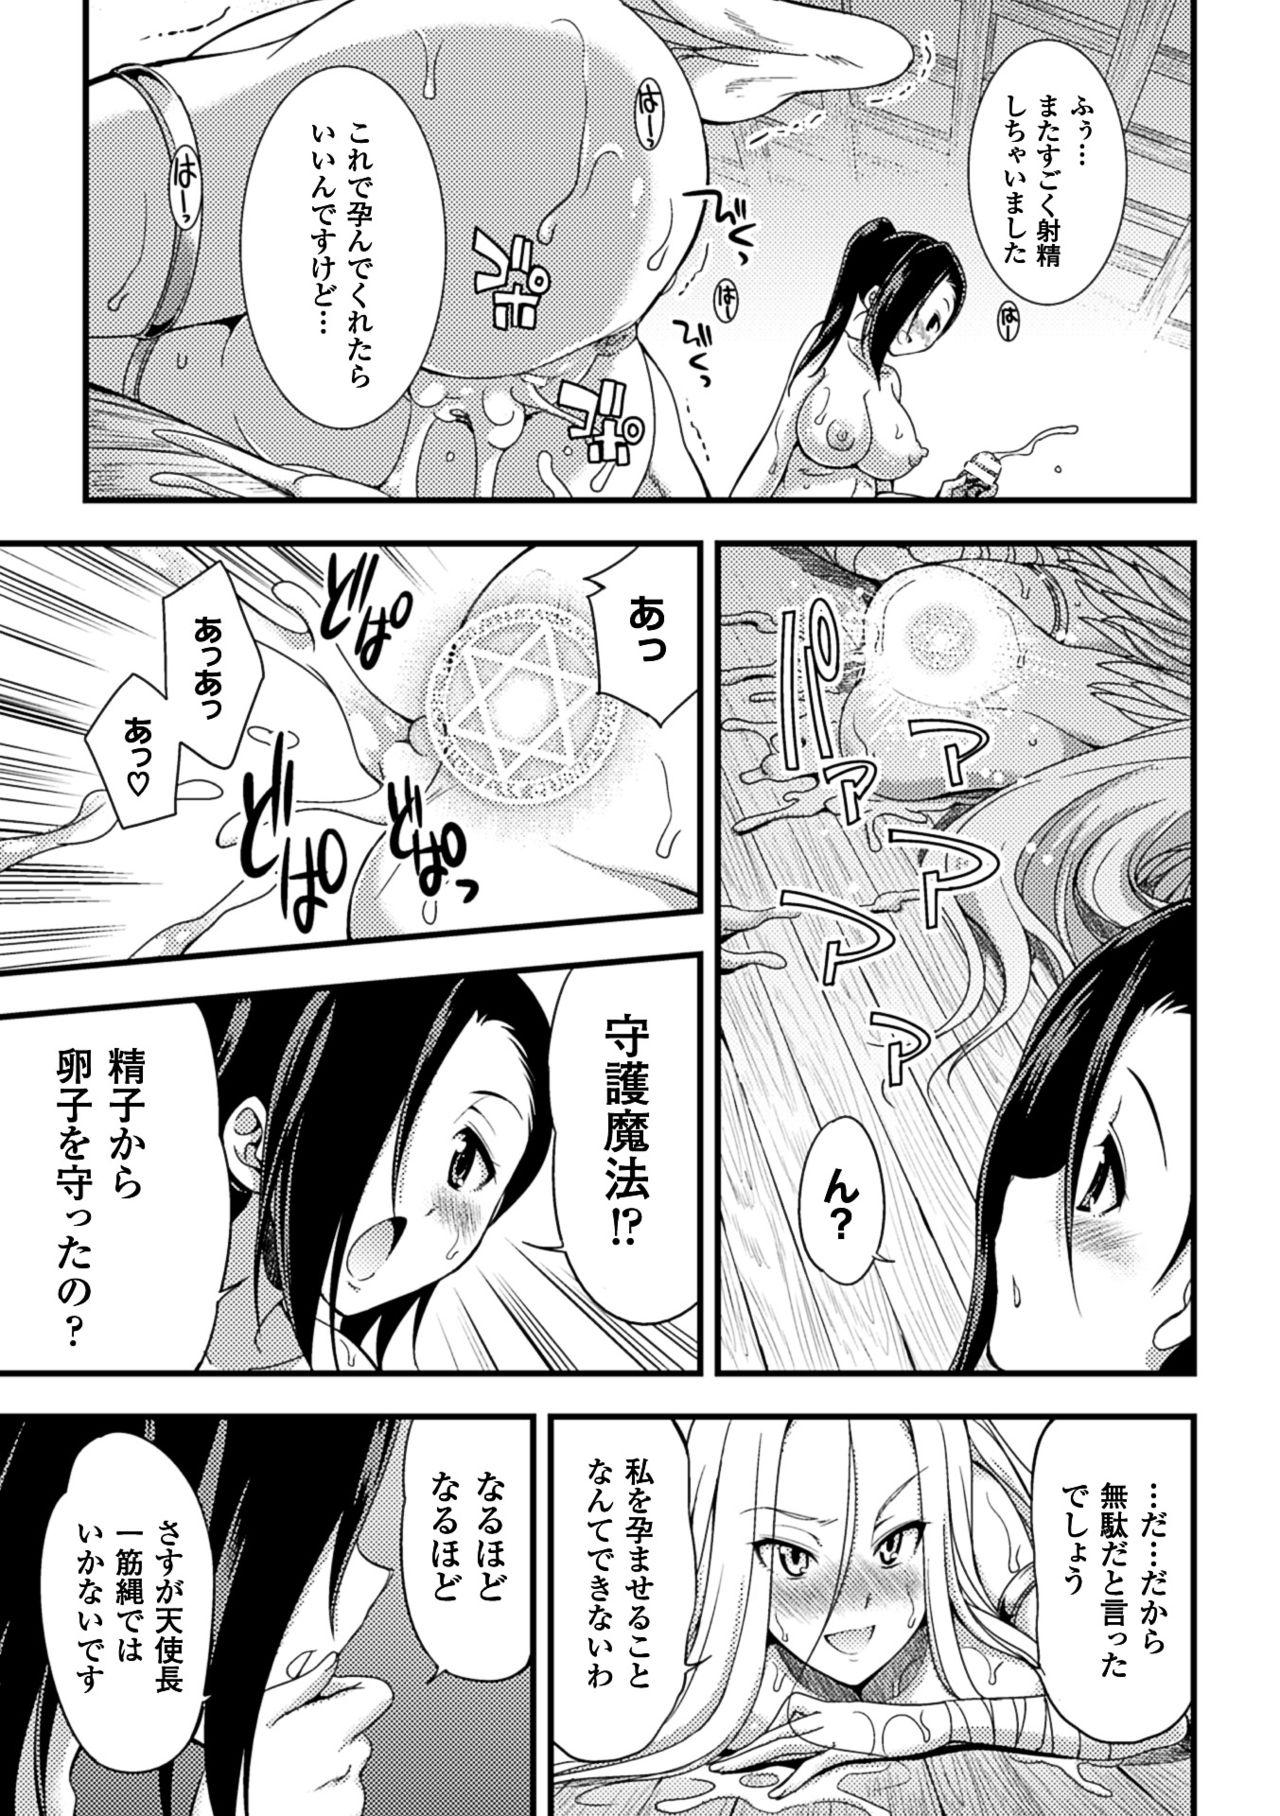 2D Comic Magazine Jingai Musume Haramase Kedakaki Mesu-tachi wa Ningen Kodane ni Kuppuku Suru Vol. 2 25